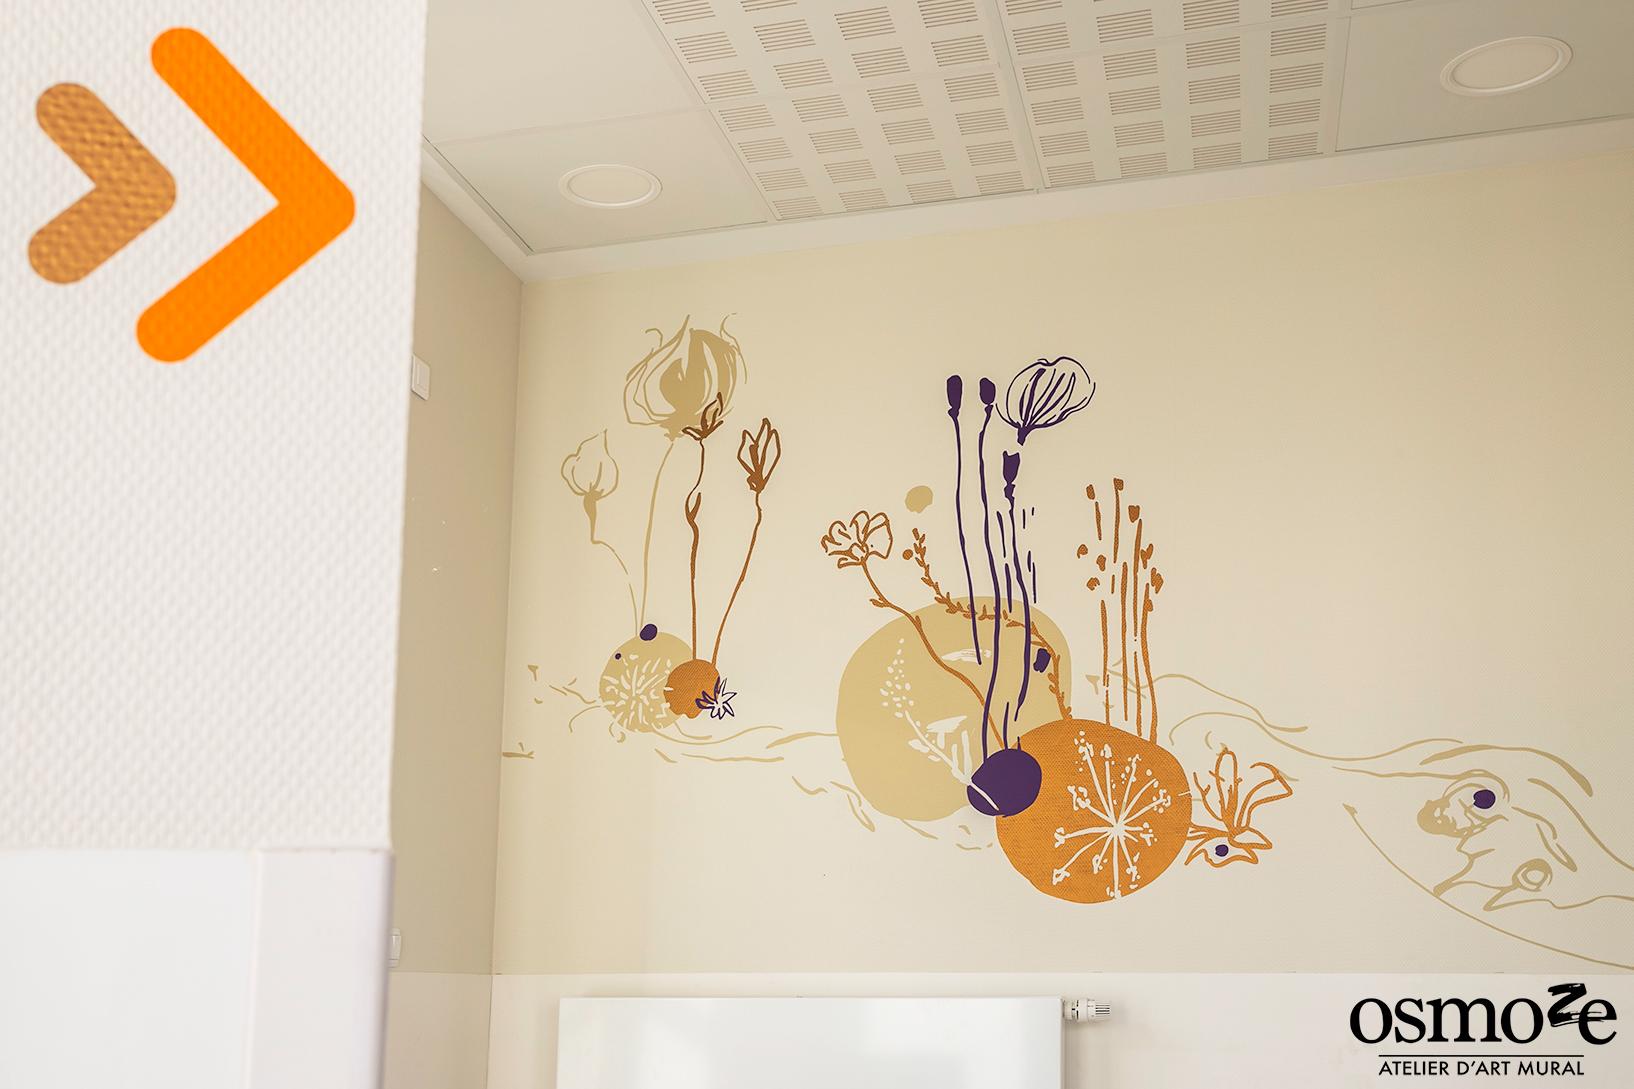 Osmoze > Décoration murale > Signalétique décorative > Bourgueil > Flèches